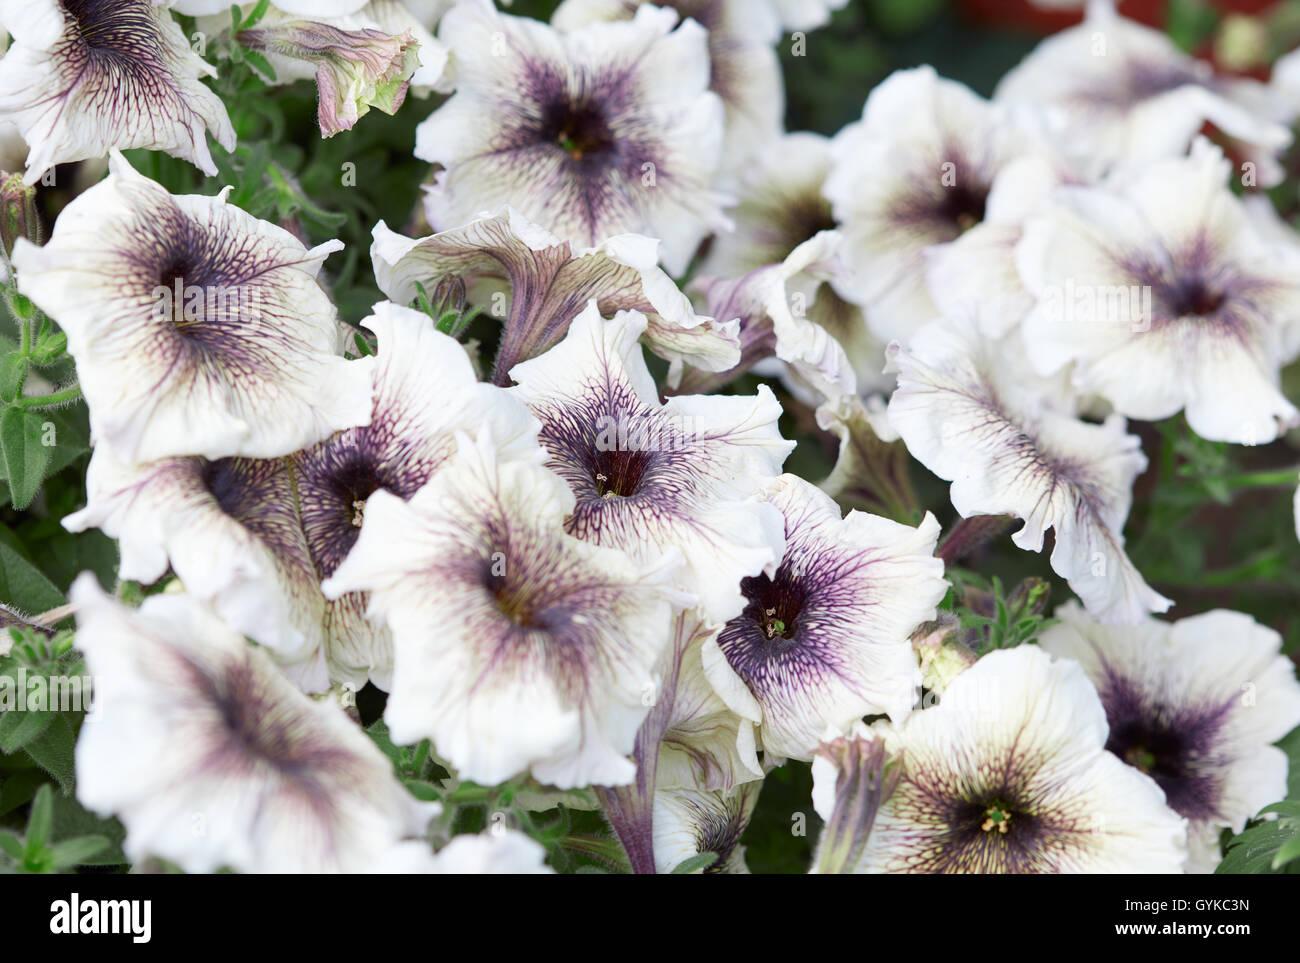 Petunia flores blancas con vetas púrpura, antecedentes Foto de stock